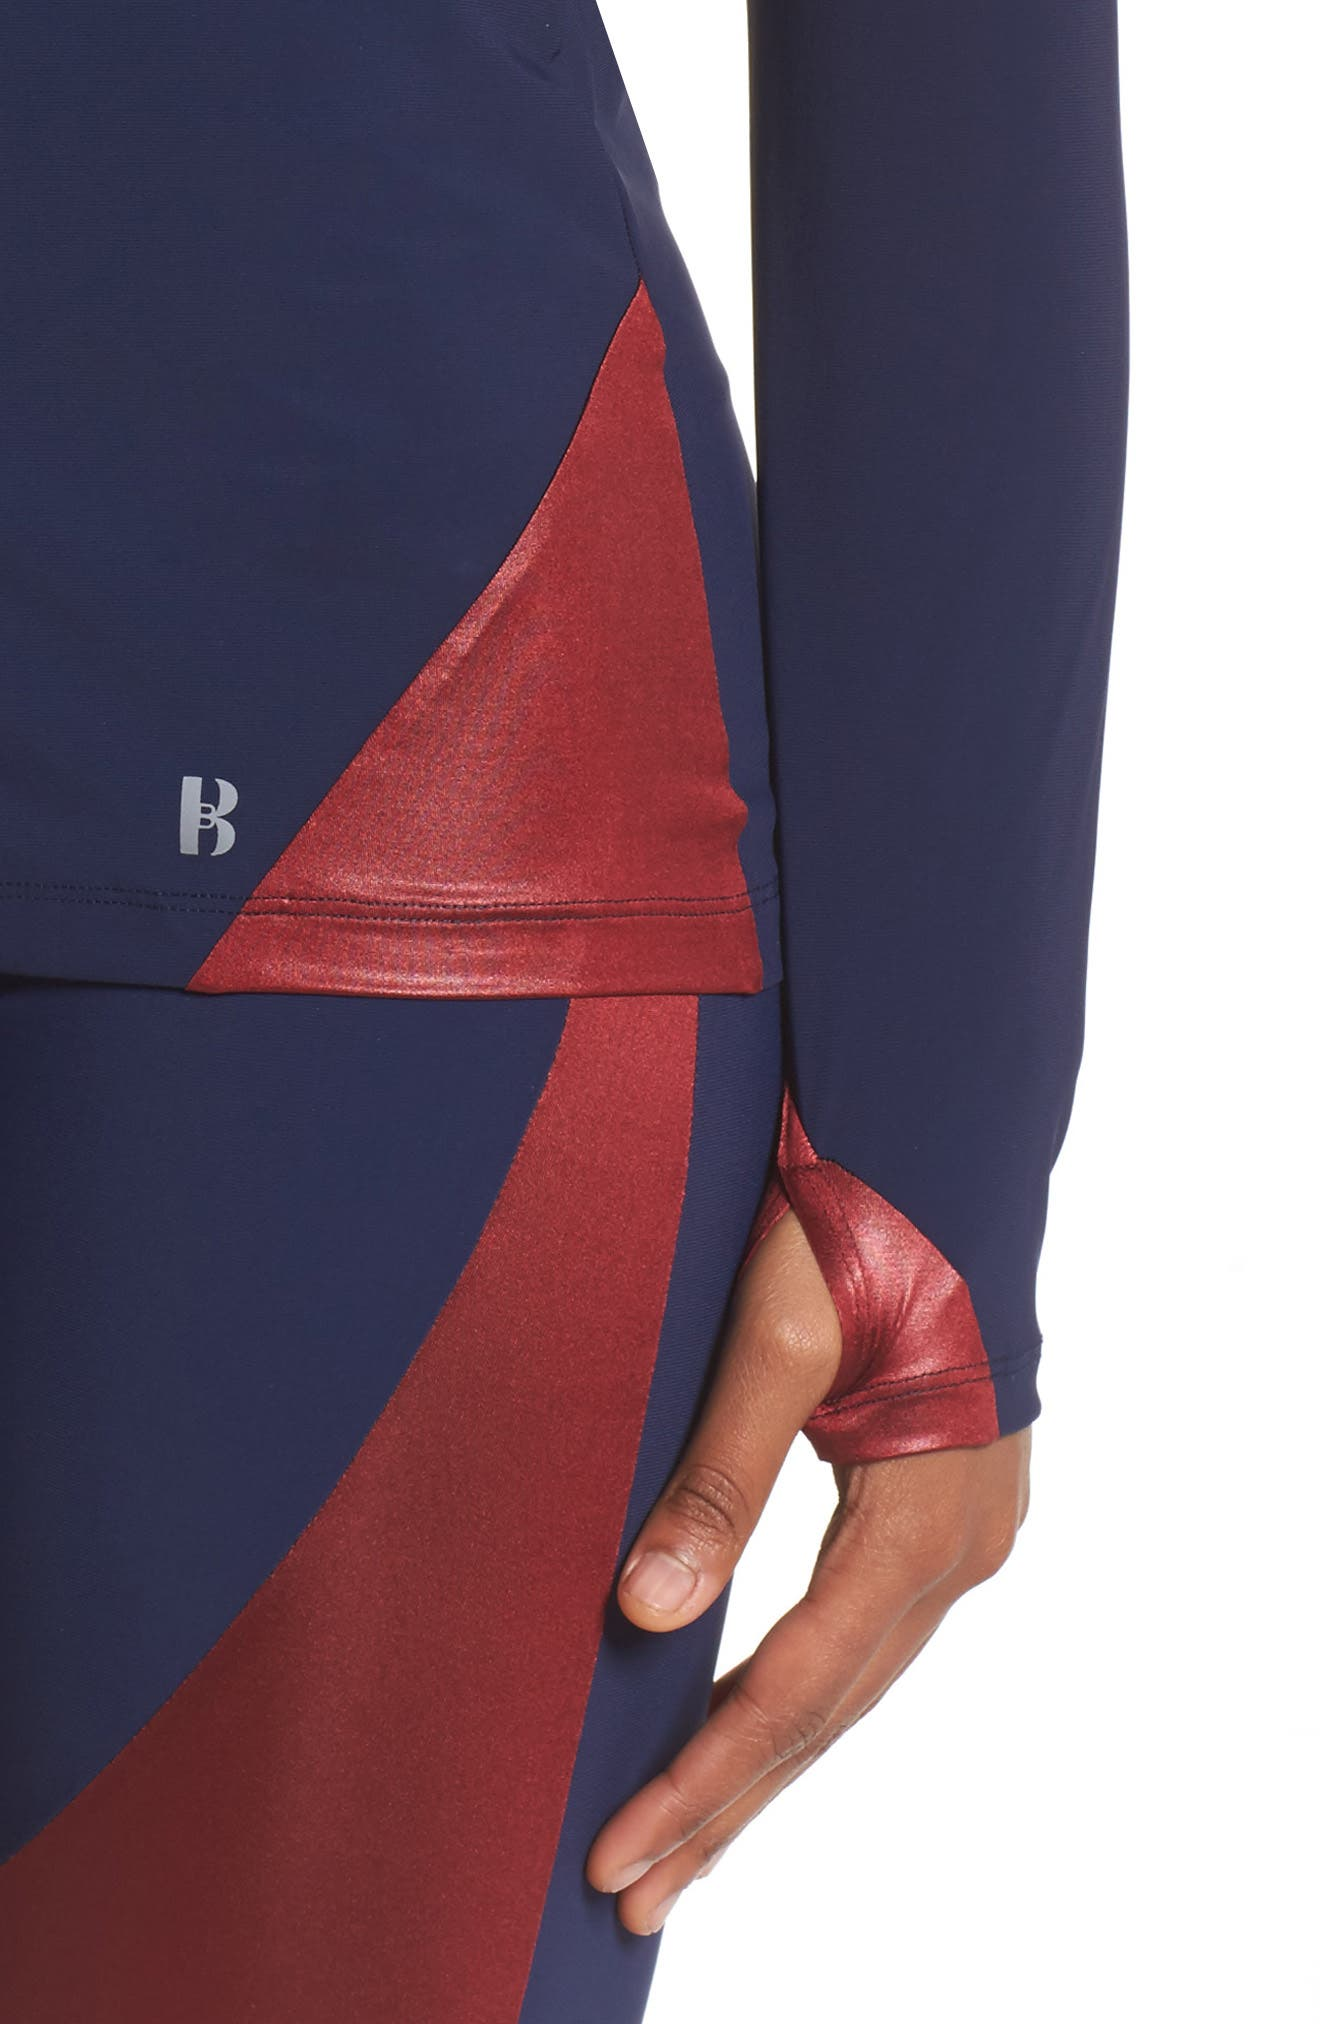 Compression Jacket,                             Alternate thumbnail 4, color,                             Navy/Oxblood/Rose Gold